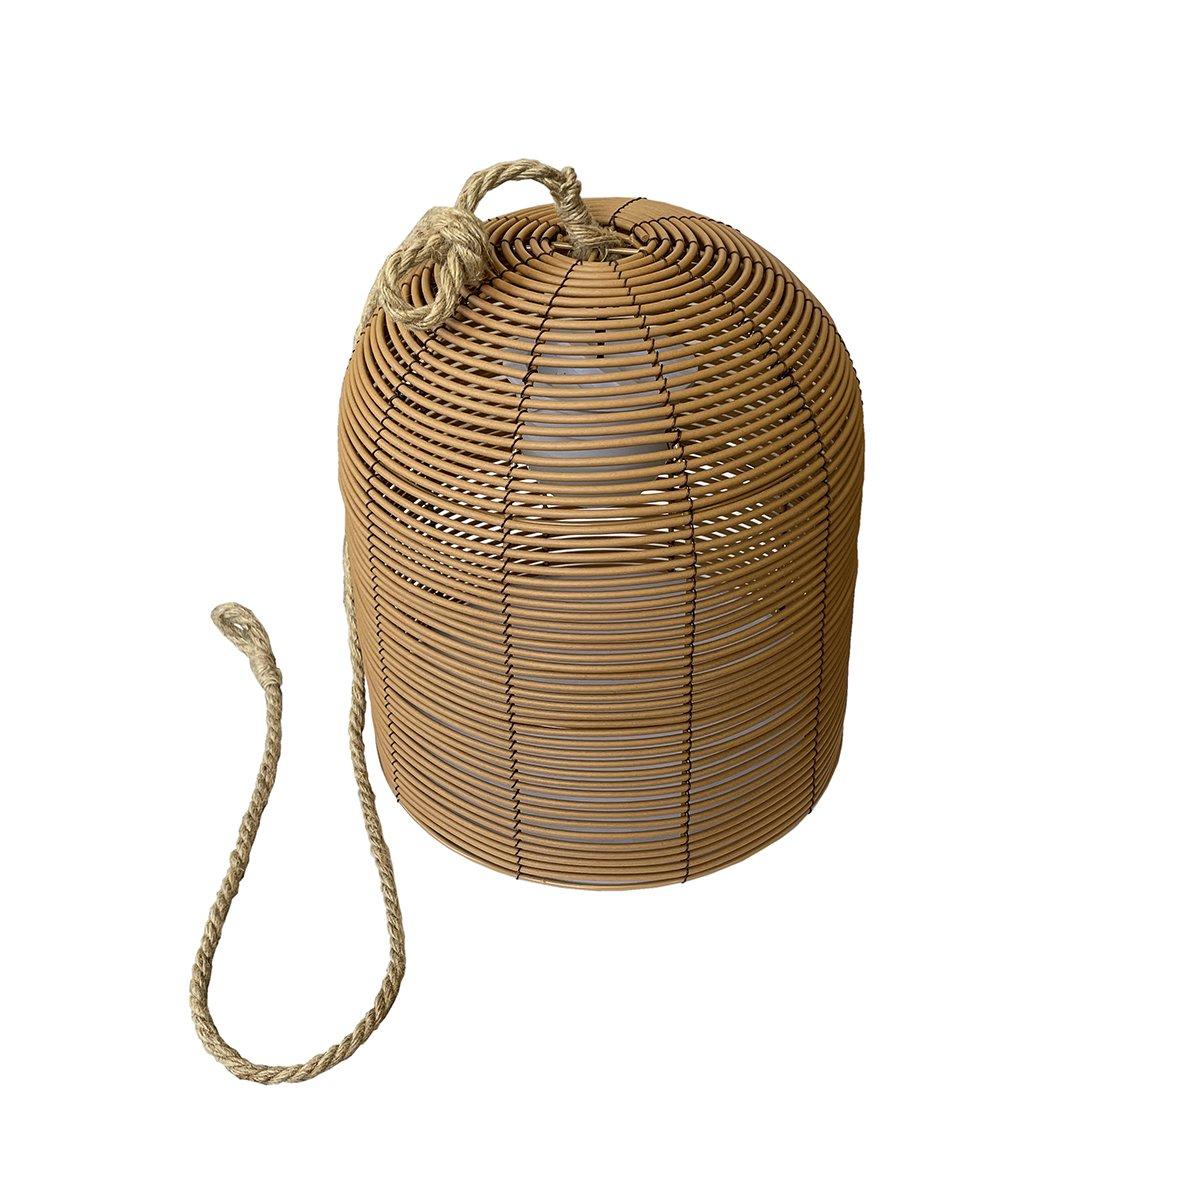 Suspension sans fil HANG BOHEME marron en poly rotin 35cm